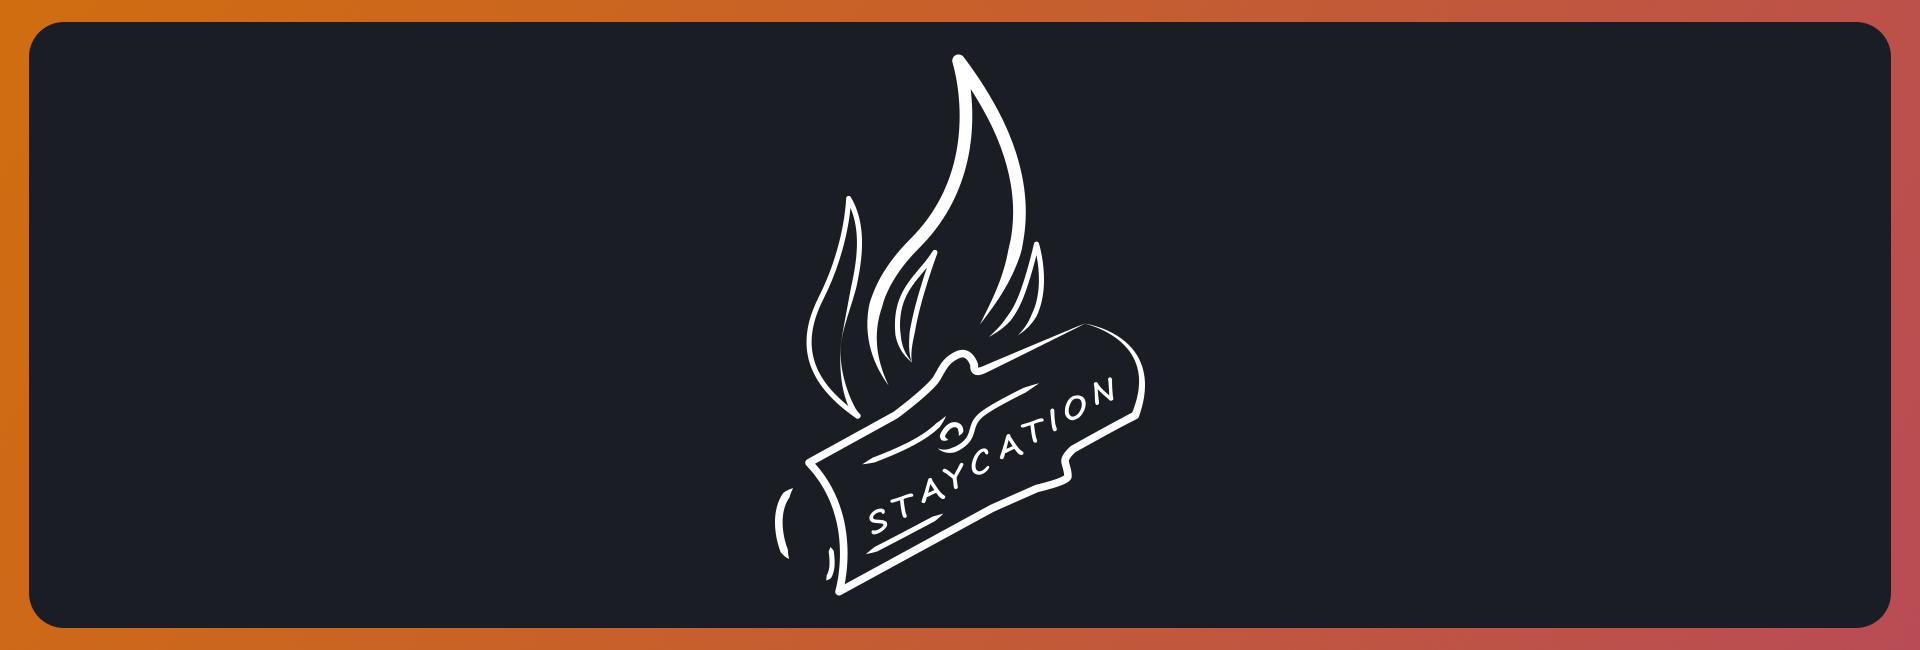 Staycation- Week 4